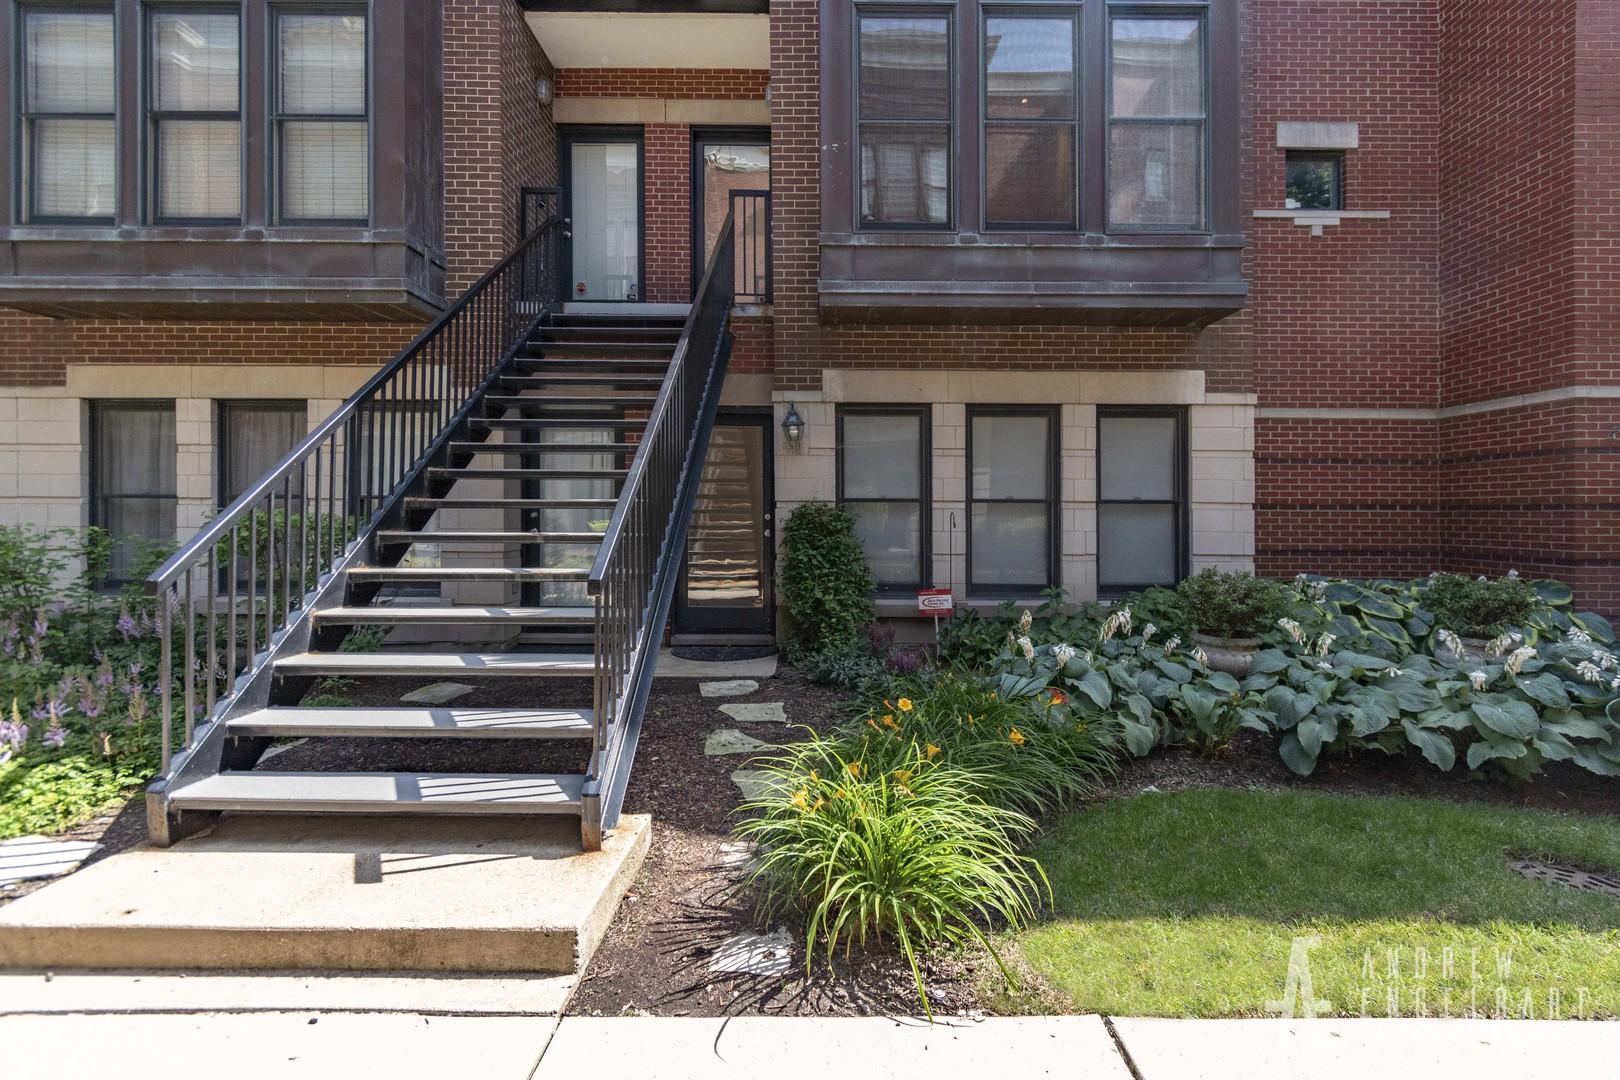 839 Village ,Chicago, Illinois 60608